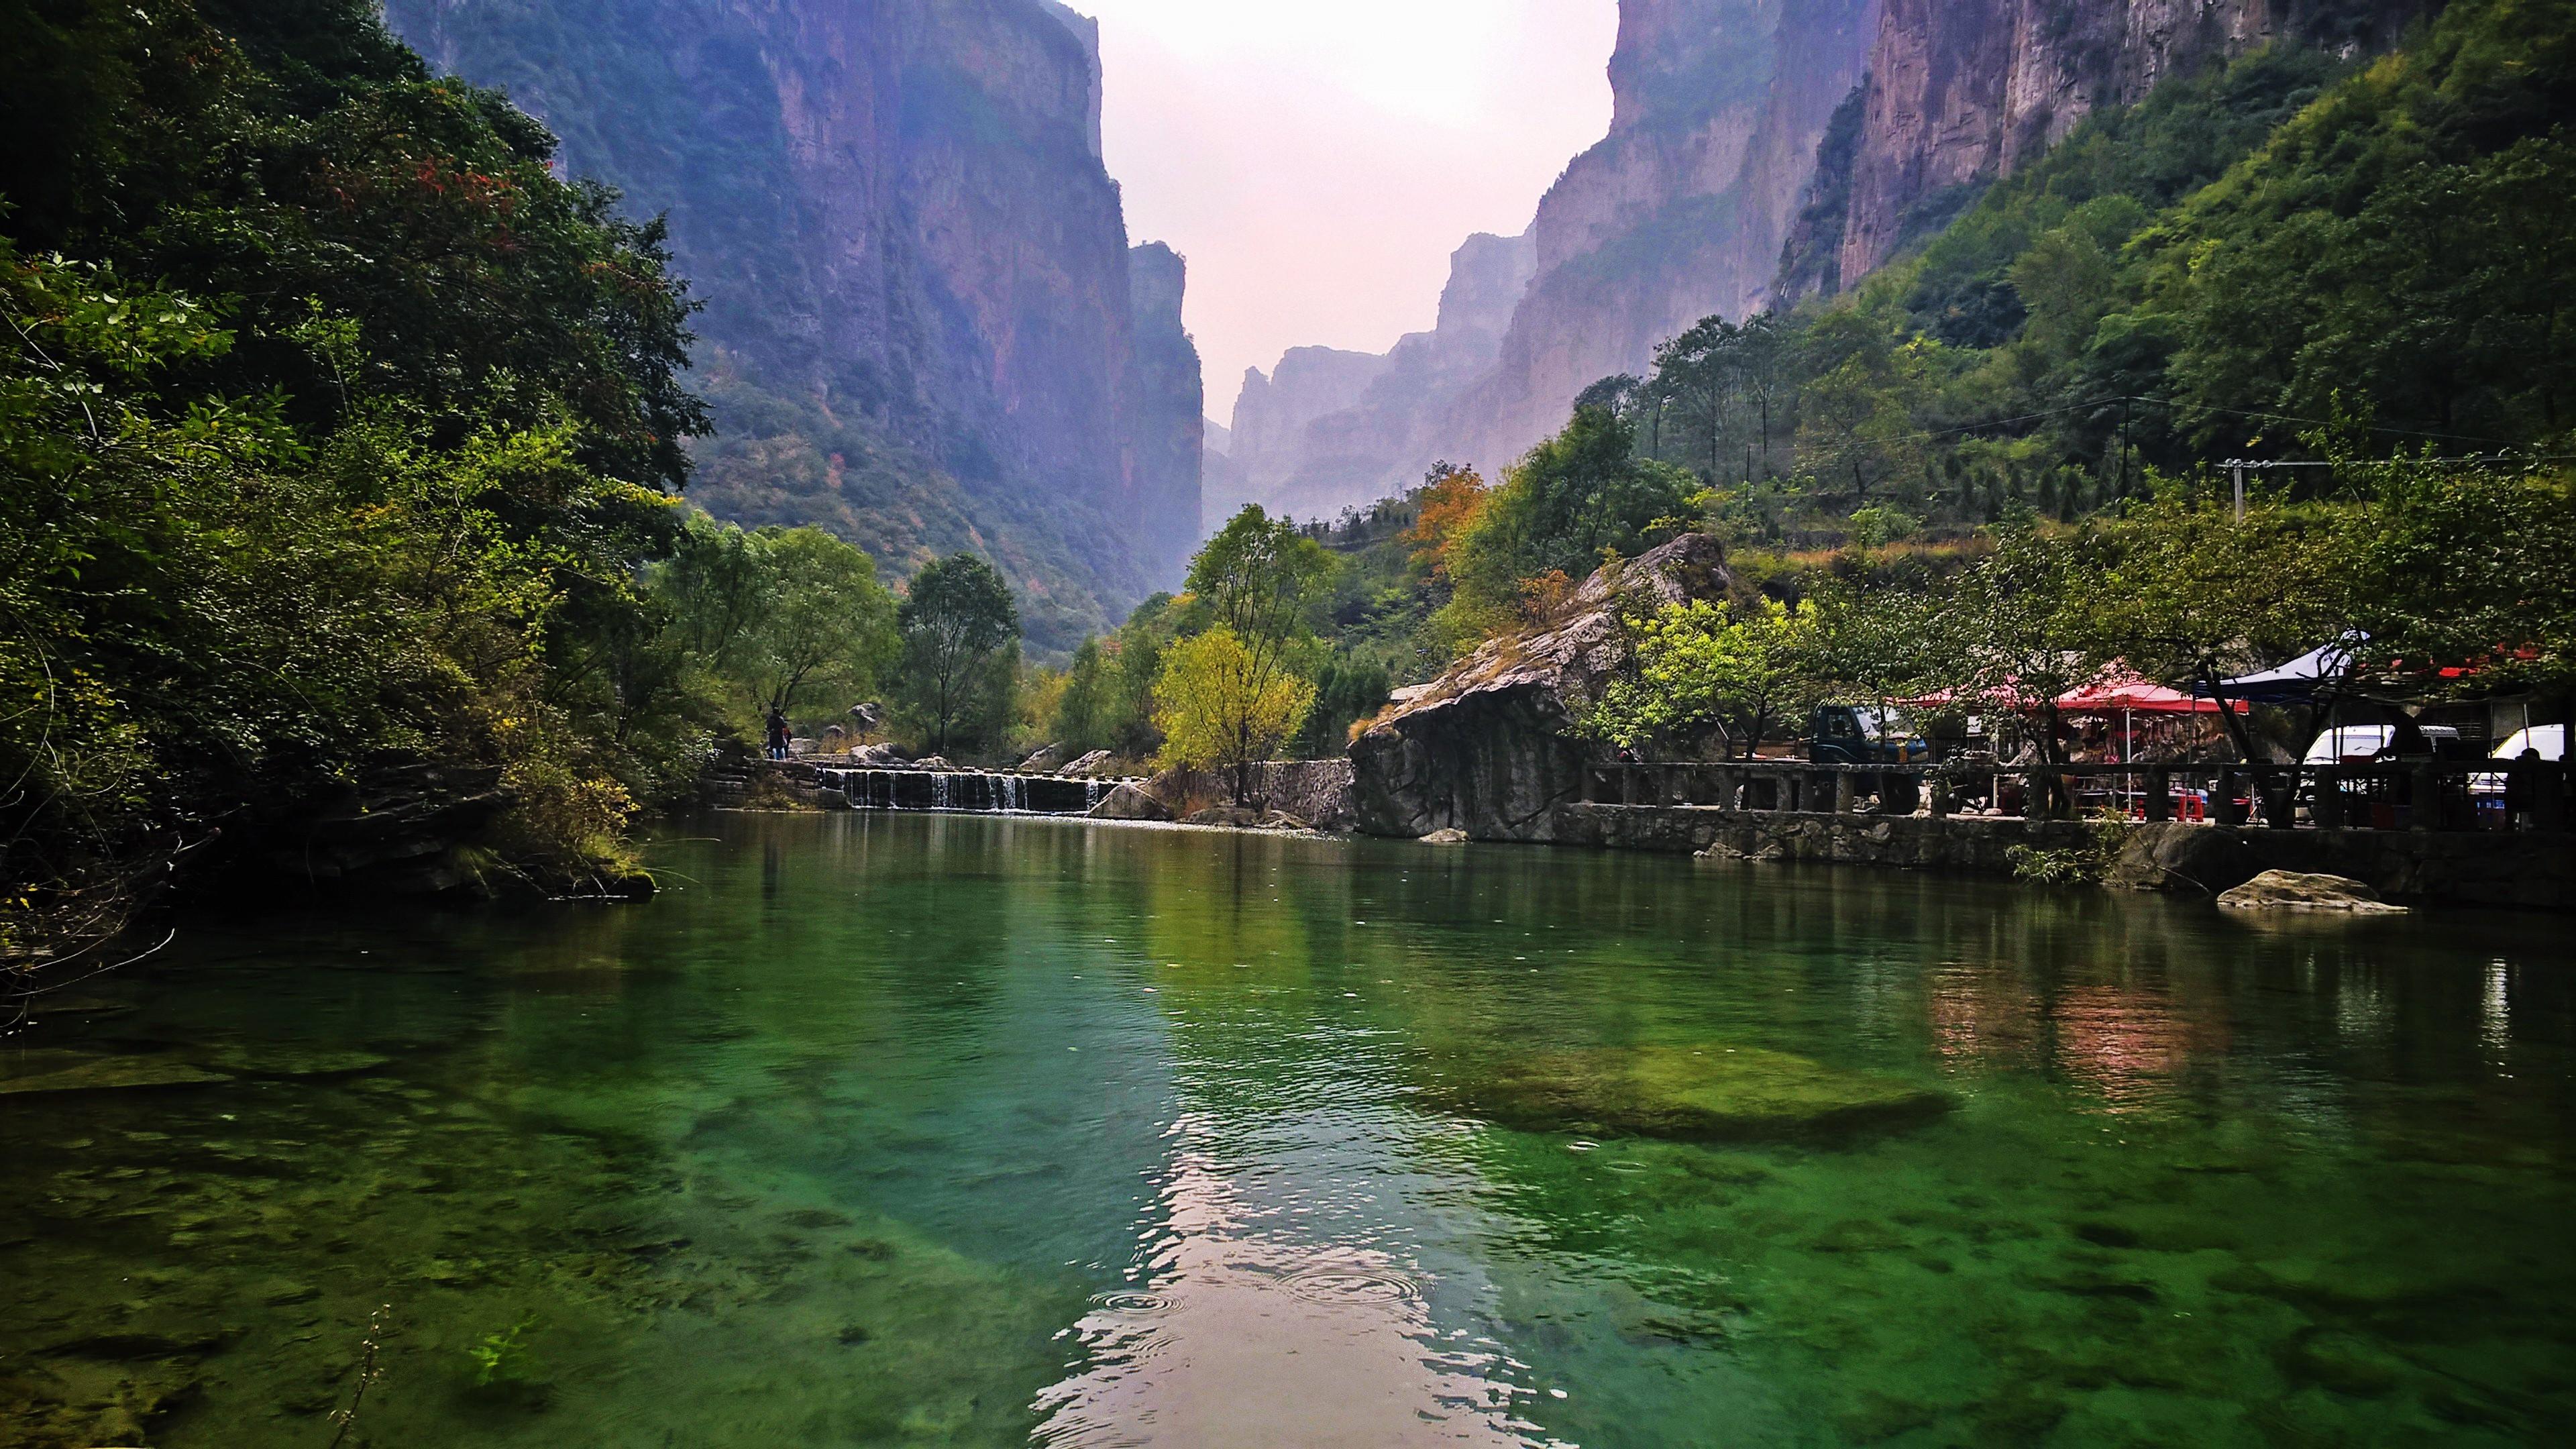 太行大峡谷景区实景图片